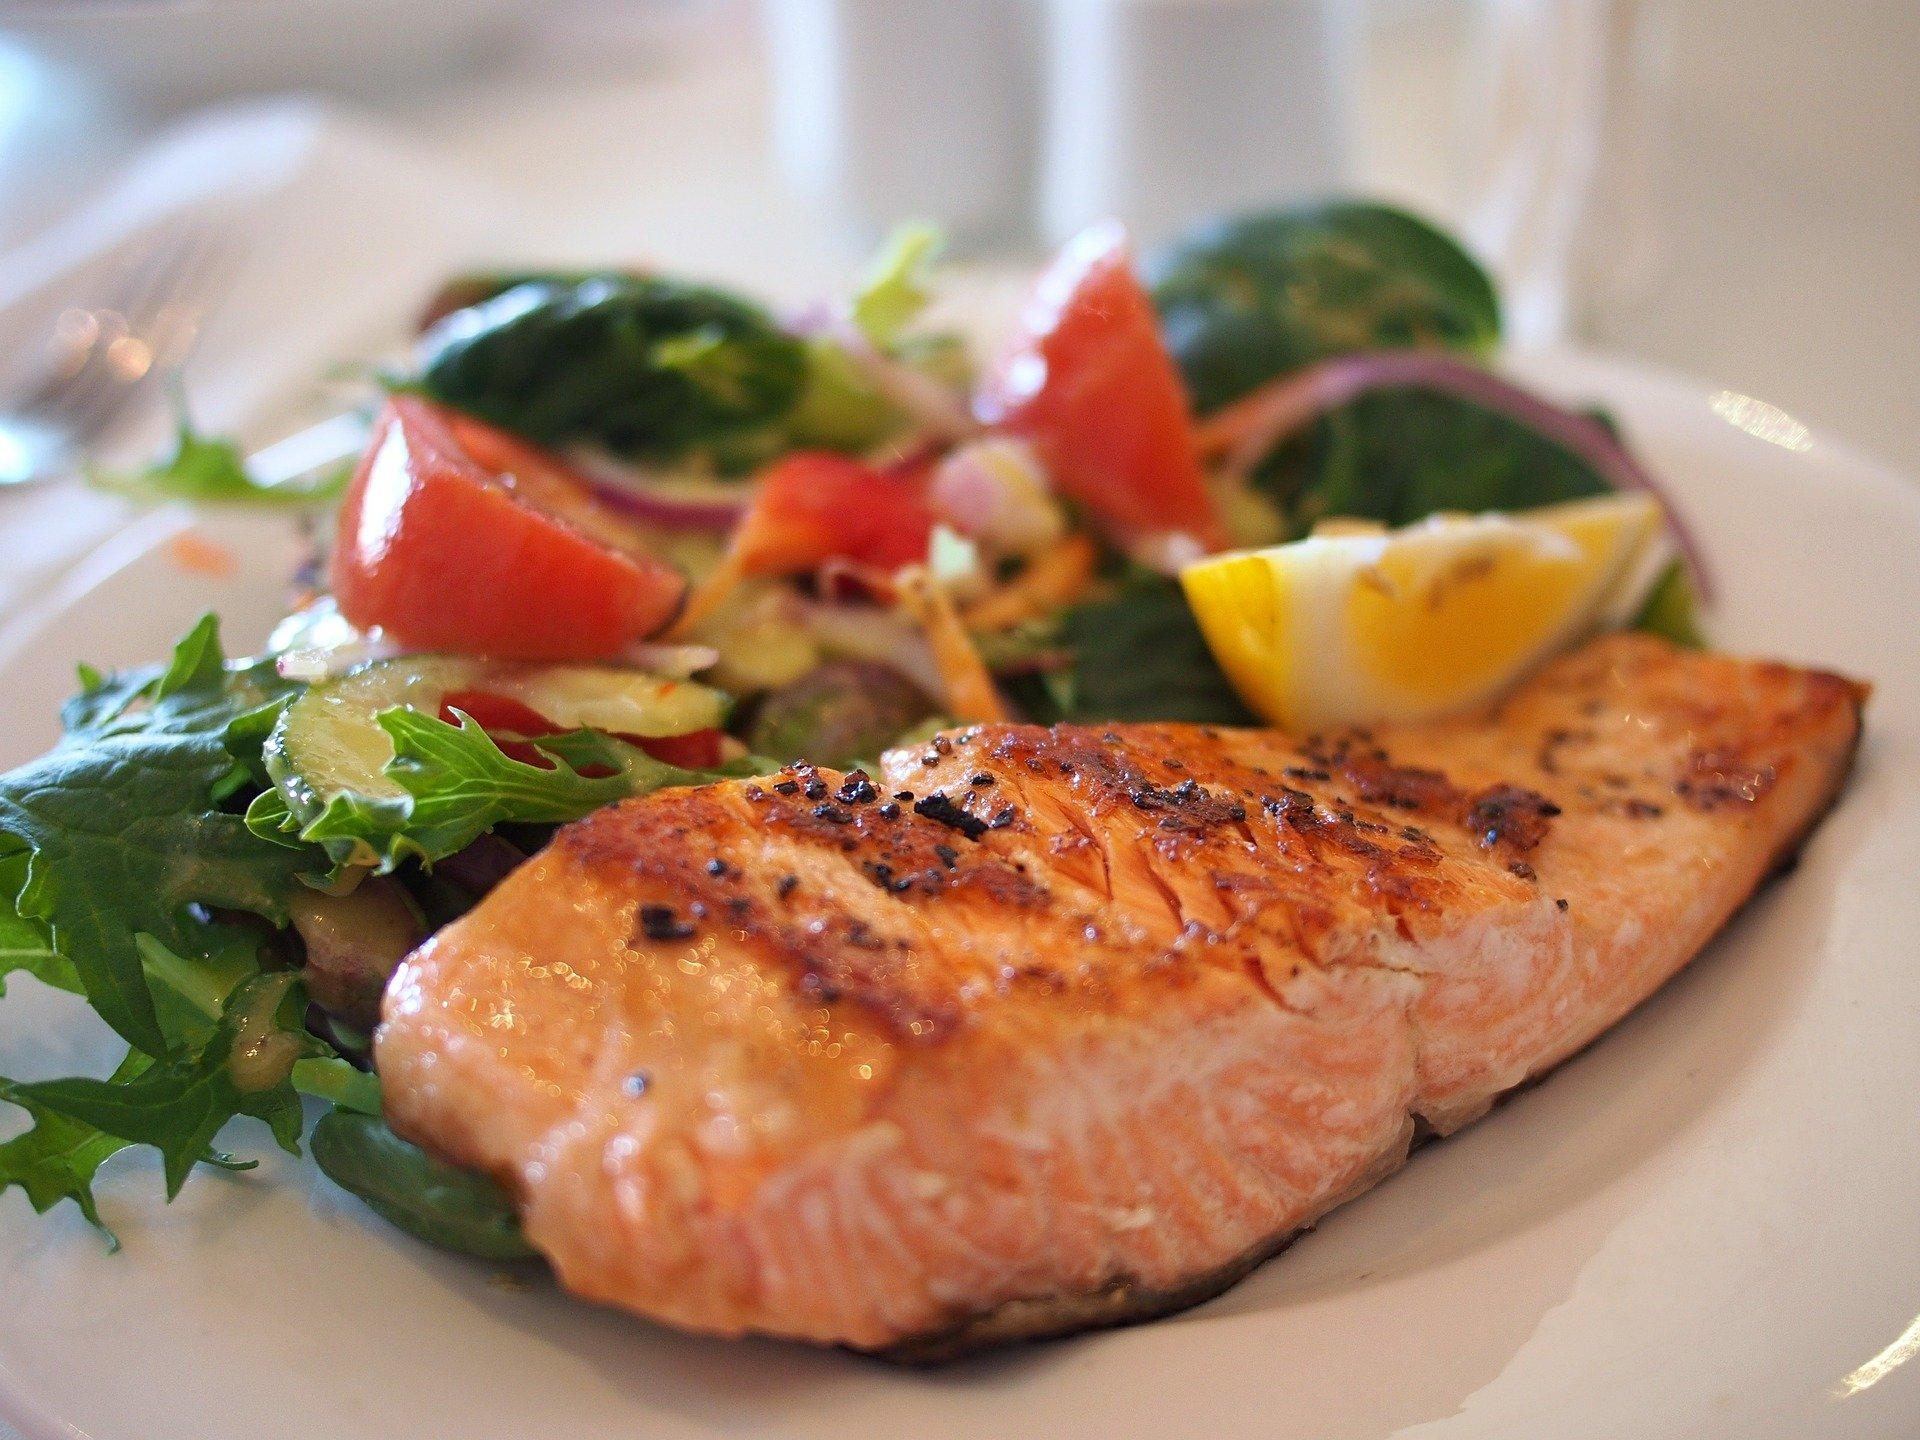 spinach-estrogen-foods